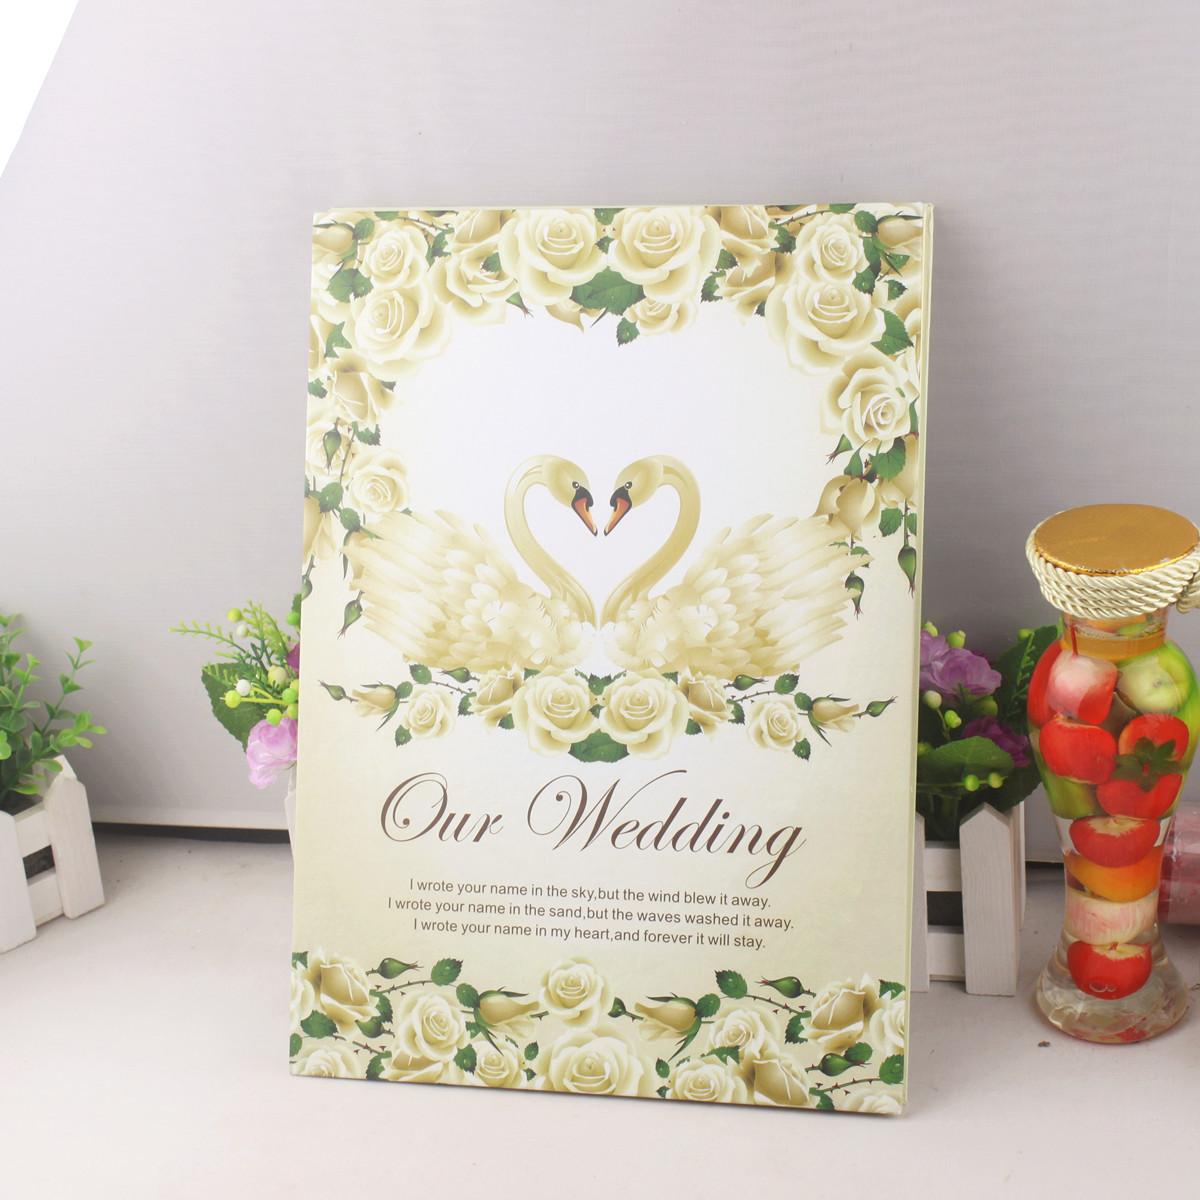 婚庆签到簿 婚礼嘉宾签名册 欧式签到册 个性签到本 天鹅之恋